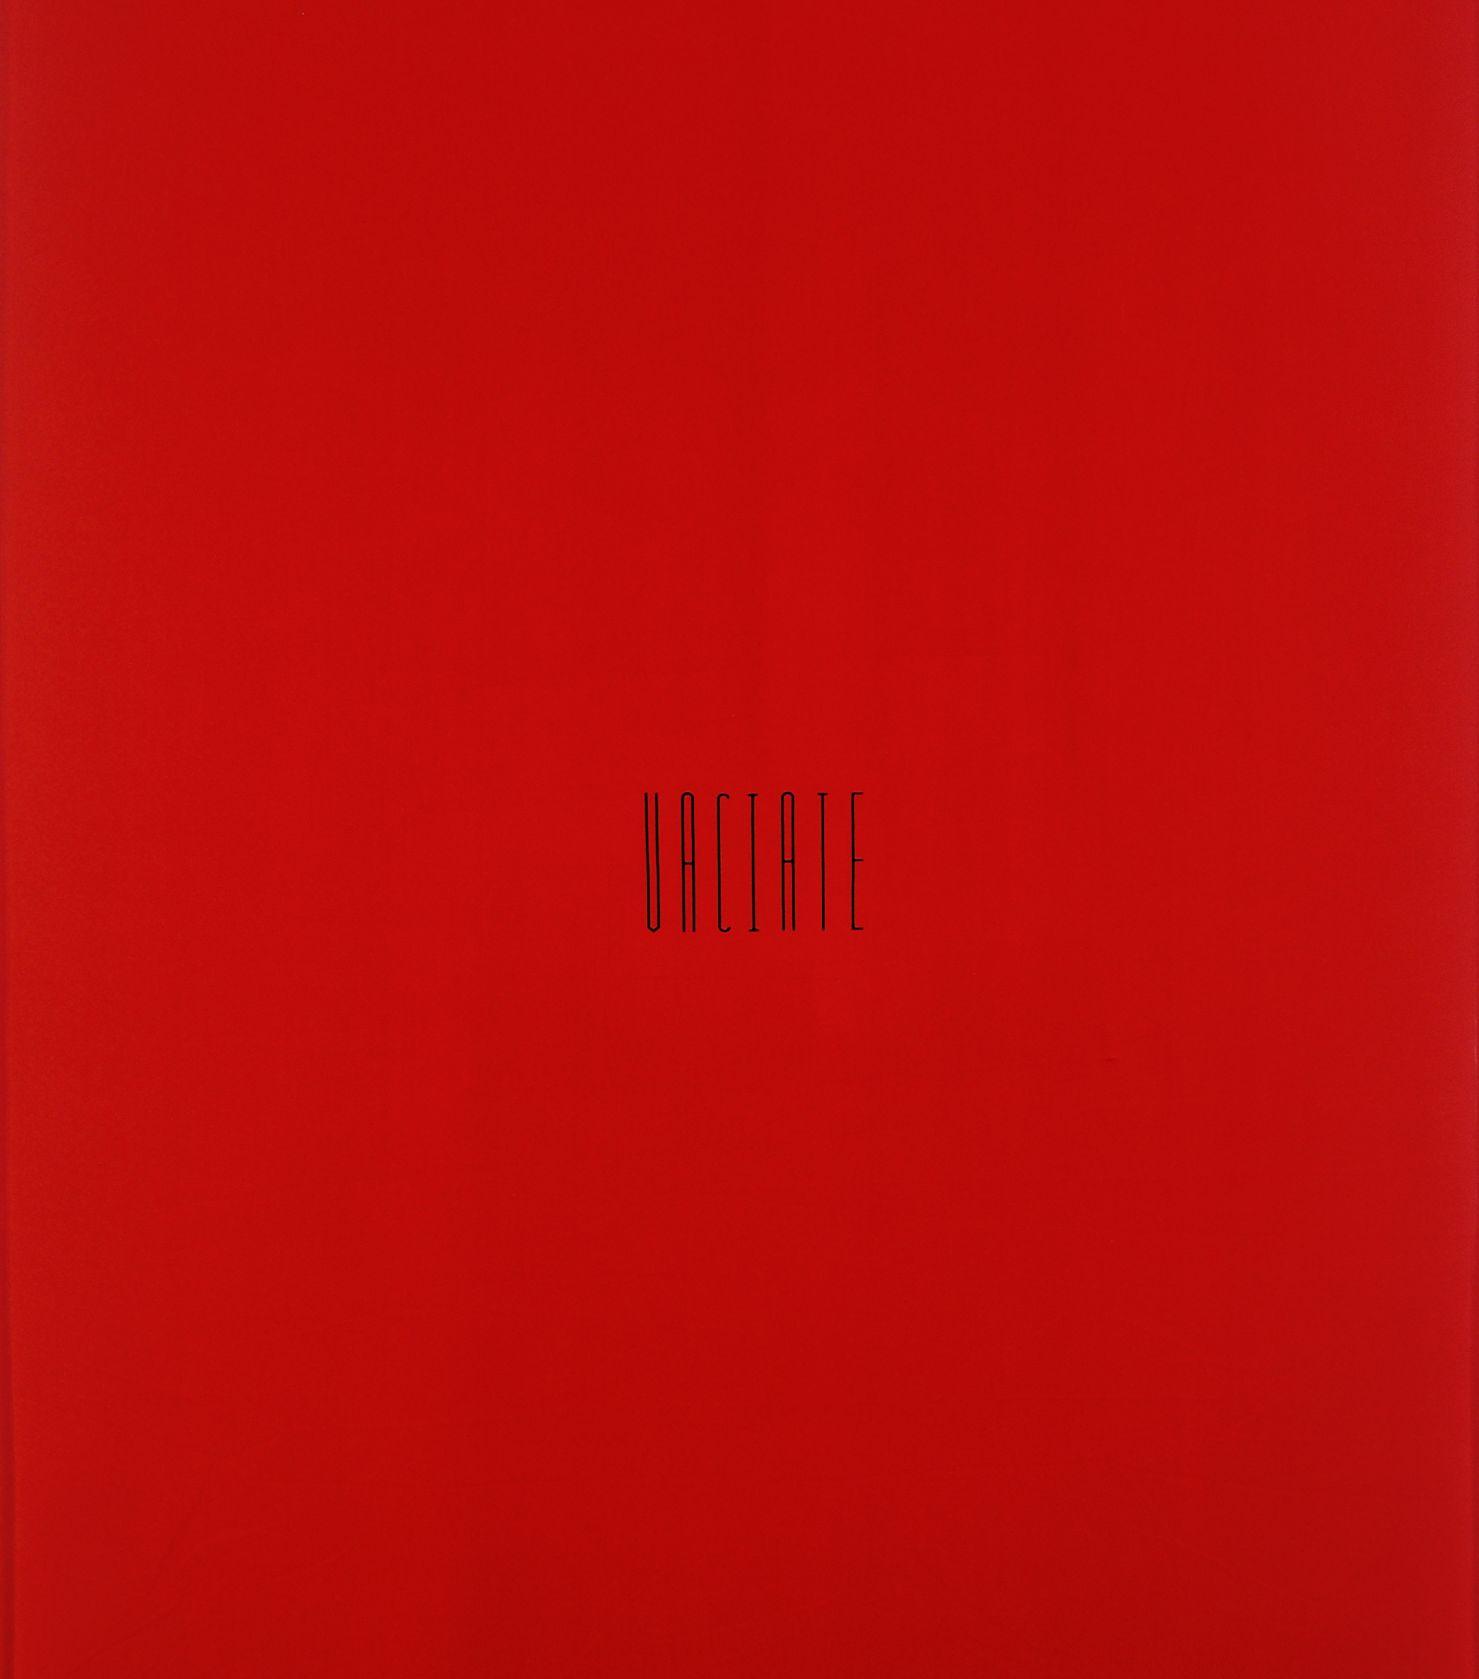 ST|Tela estampada|Printed fabric|300x150 cm|118,11x59 in|Proyecto Un Otro-Lugar (2020) - Ananké Asseff